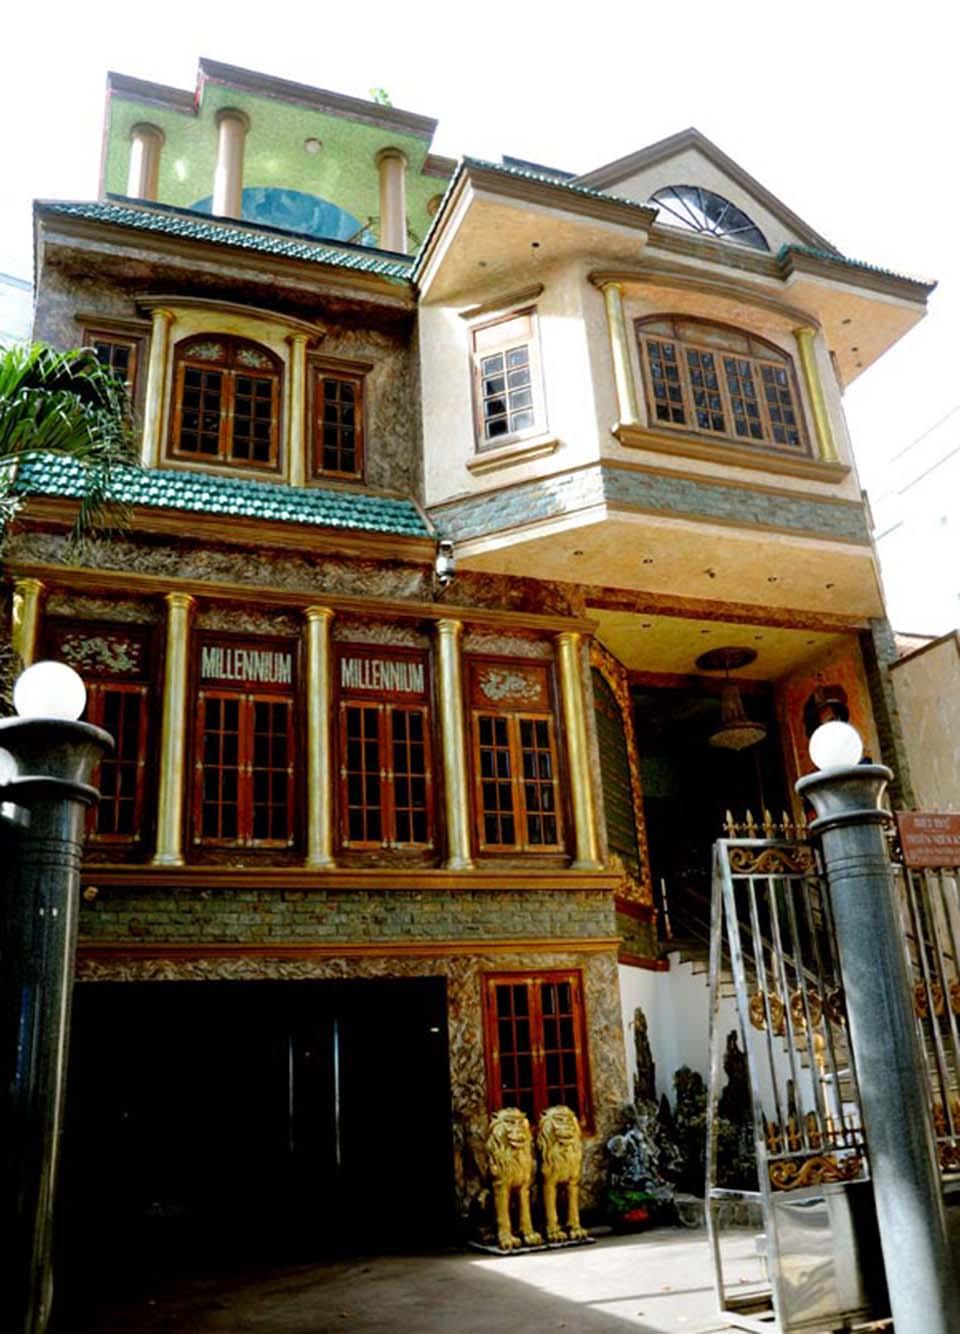 Sau biệt thự 105 tỷ đồng, Ngọc Sơn lầu đầu hé lộ ngôi nhà tại Hà Nội